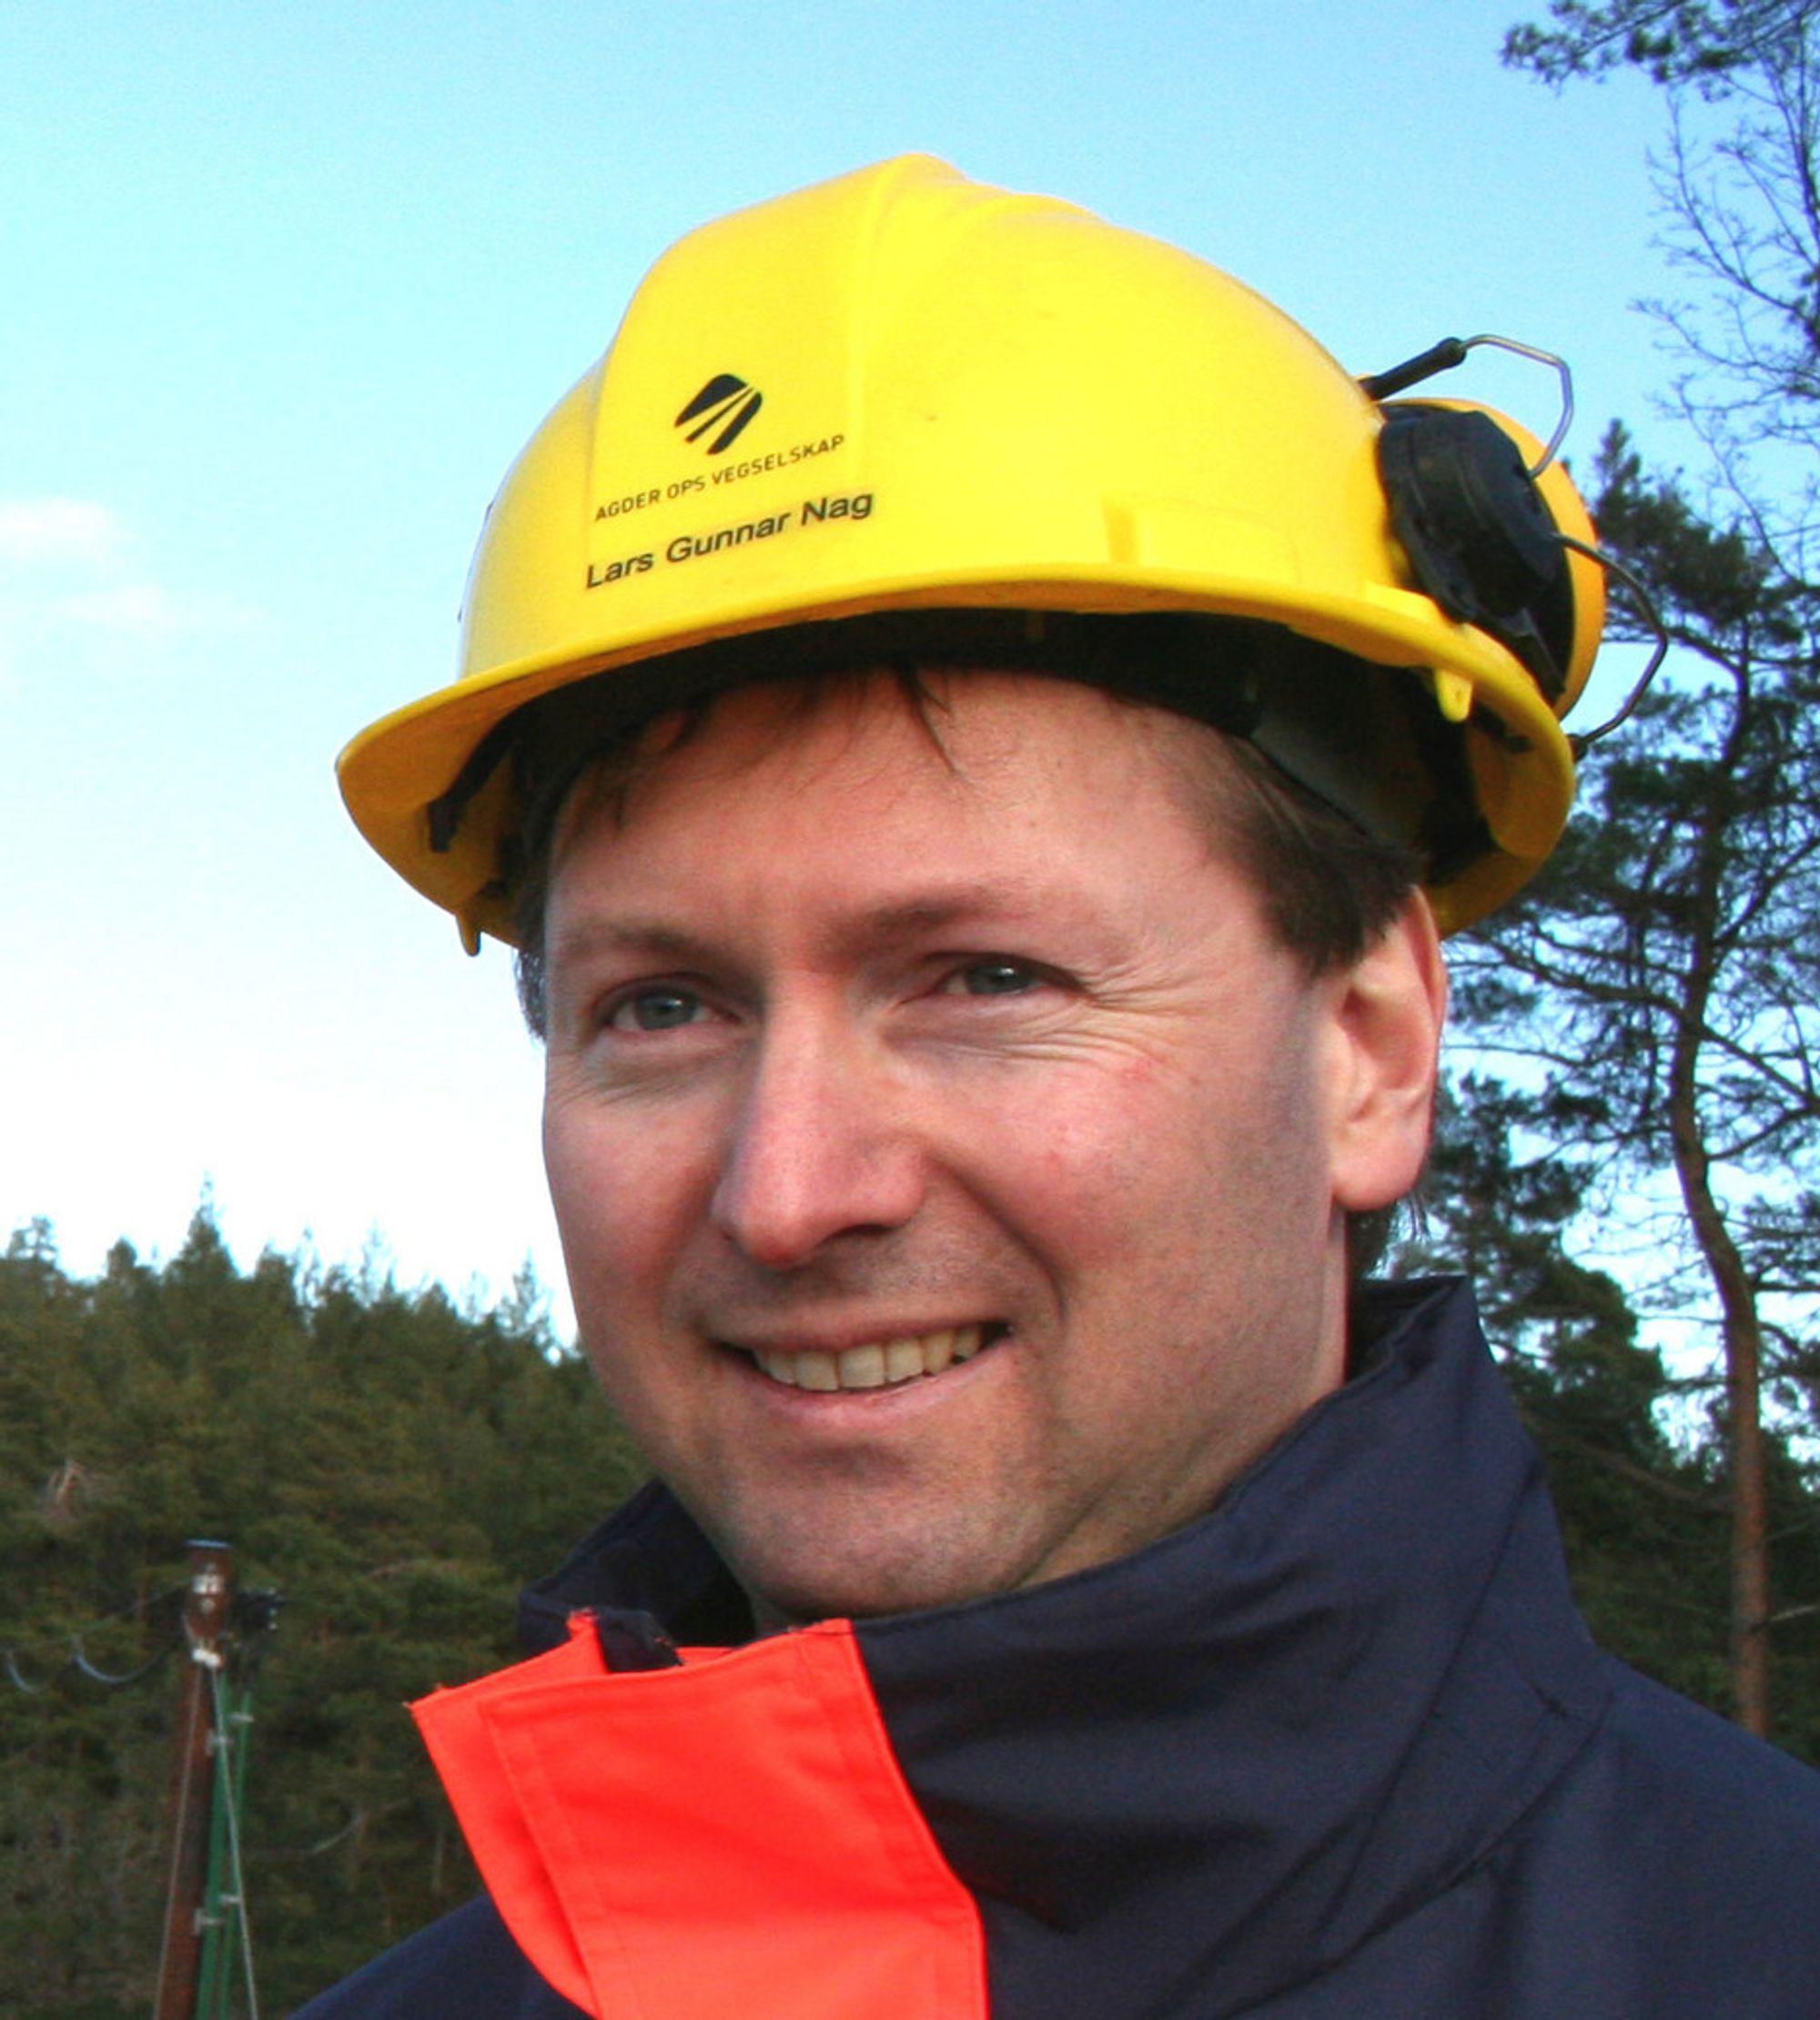 Informasjonssjef i Agder OPS Vegselskap Lars Gunnar Nag